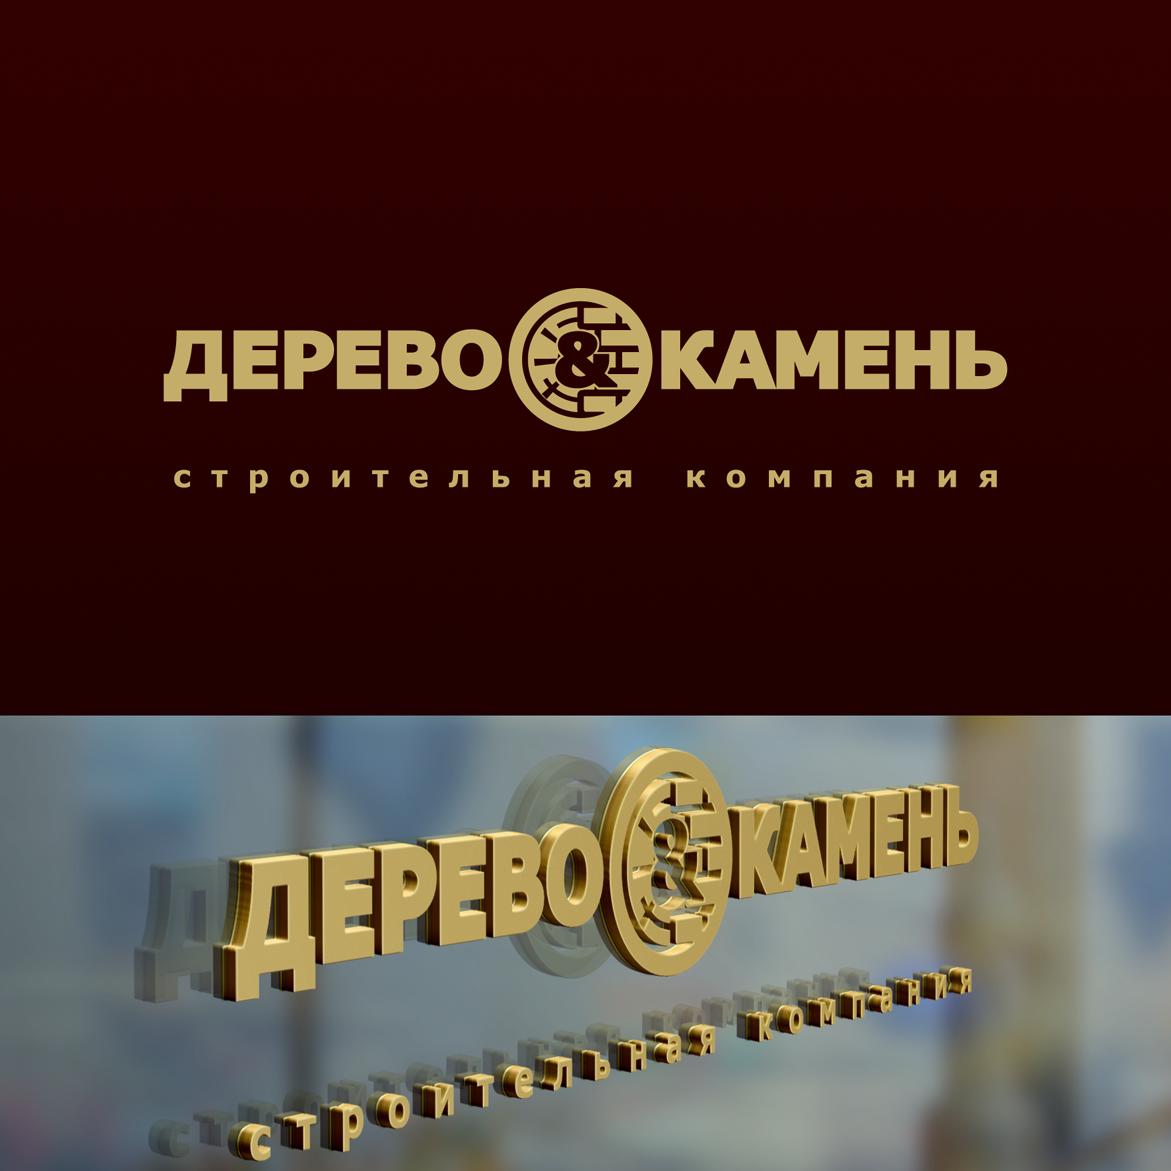 Логотип и Фирменный стиль фото f_95554949b6752681.png